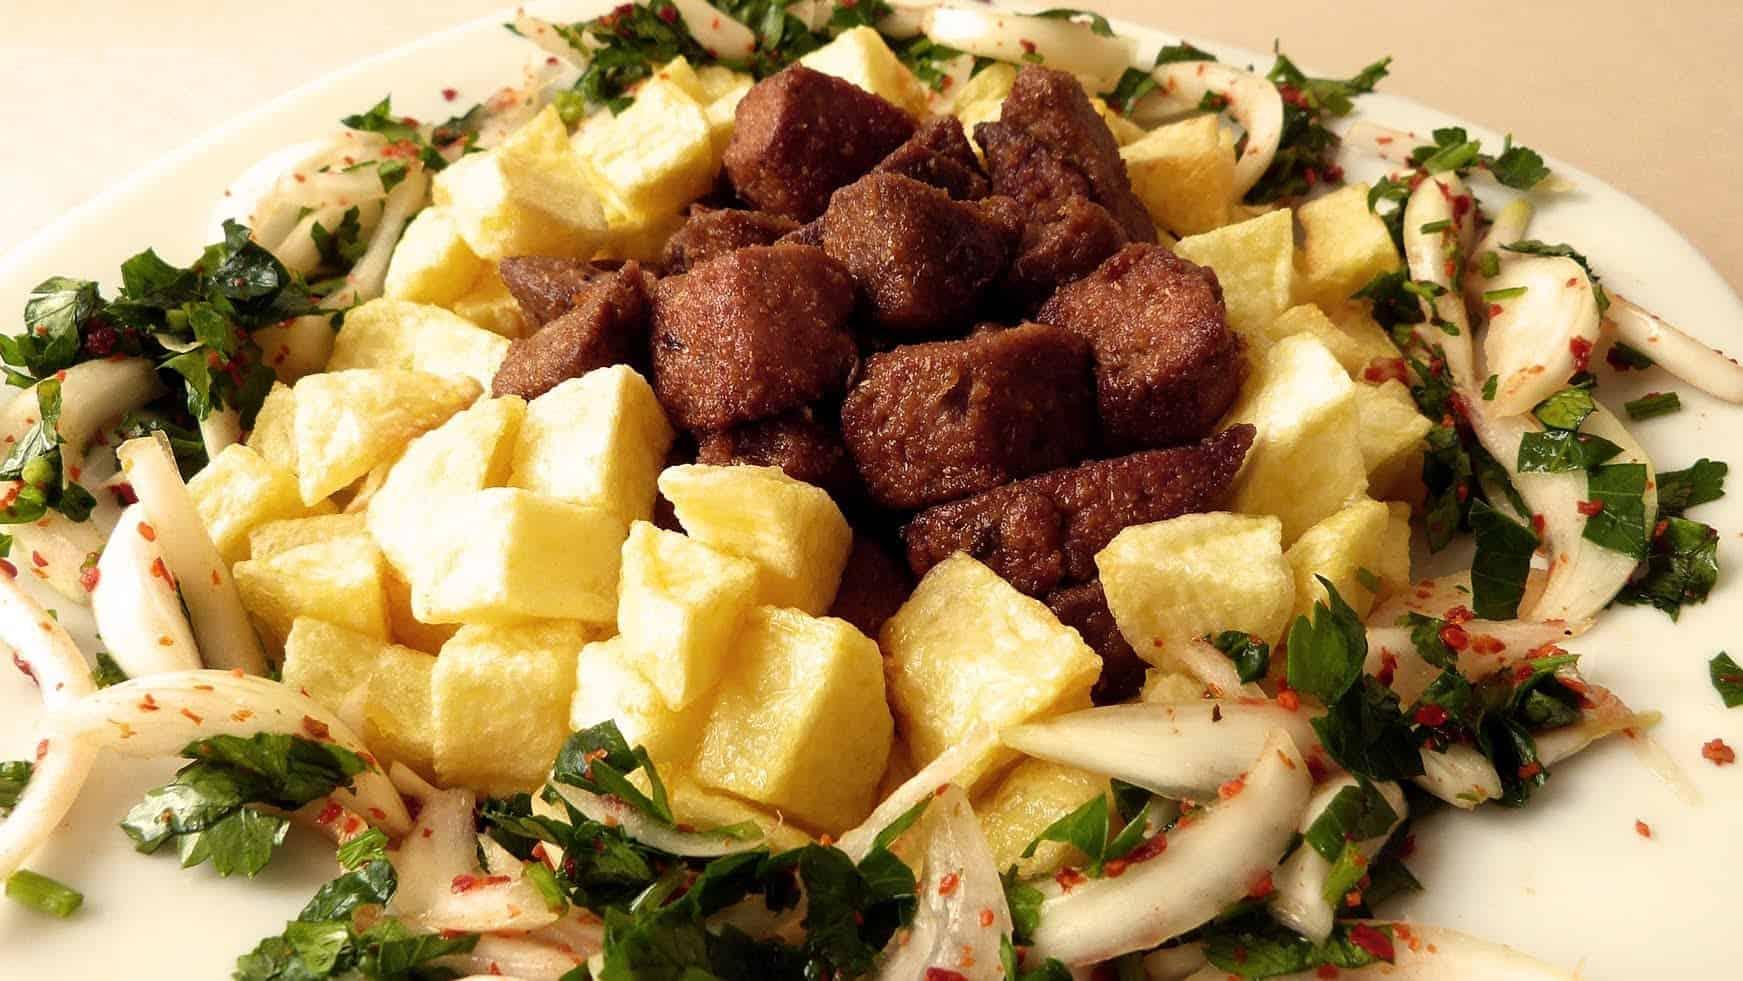 hamilelikte patatesin zararlari Hamilelikte Uzak Durulması Gereken Yiyecek Ve İçecekler